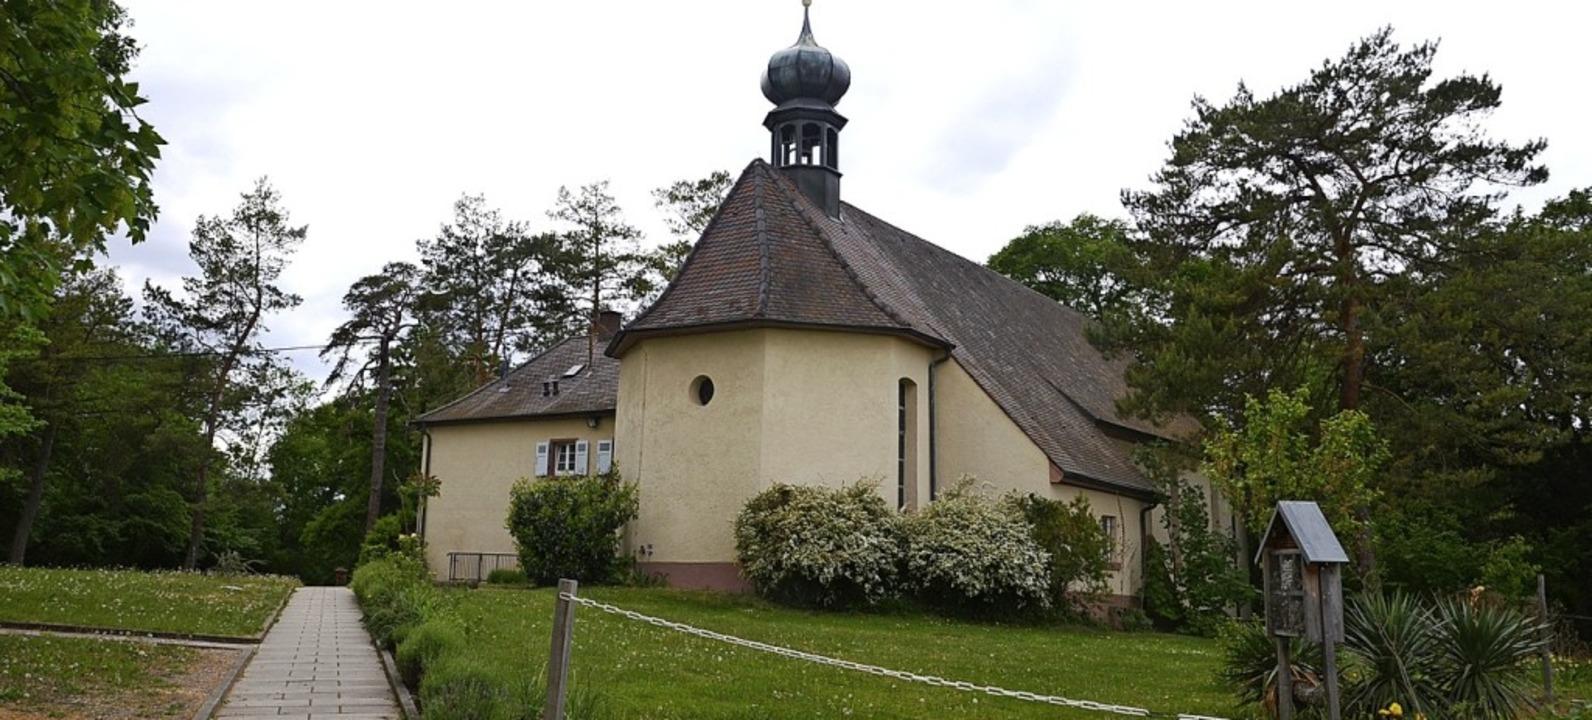 Die Litzelbergkapelle – normaler...t aber in der aktuellen Corona-Krise.   | Foto: Roland Vitt